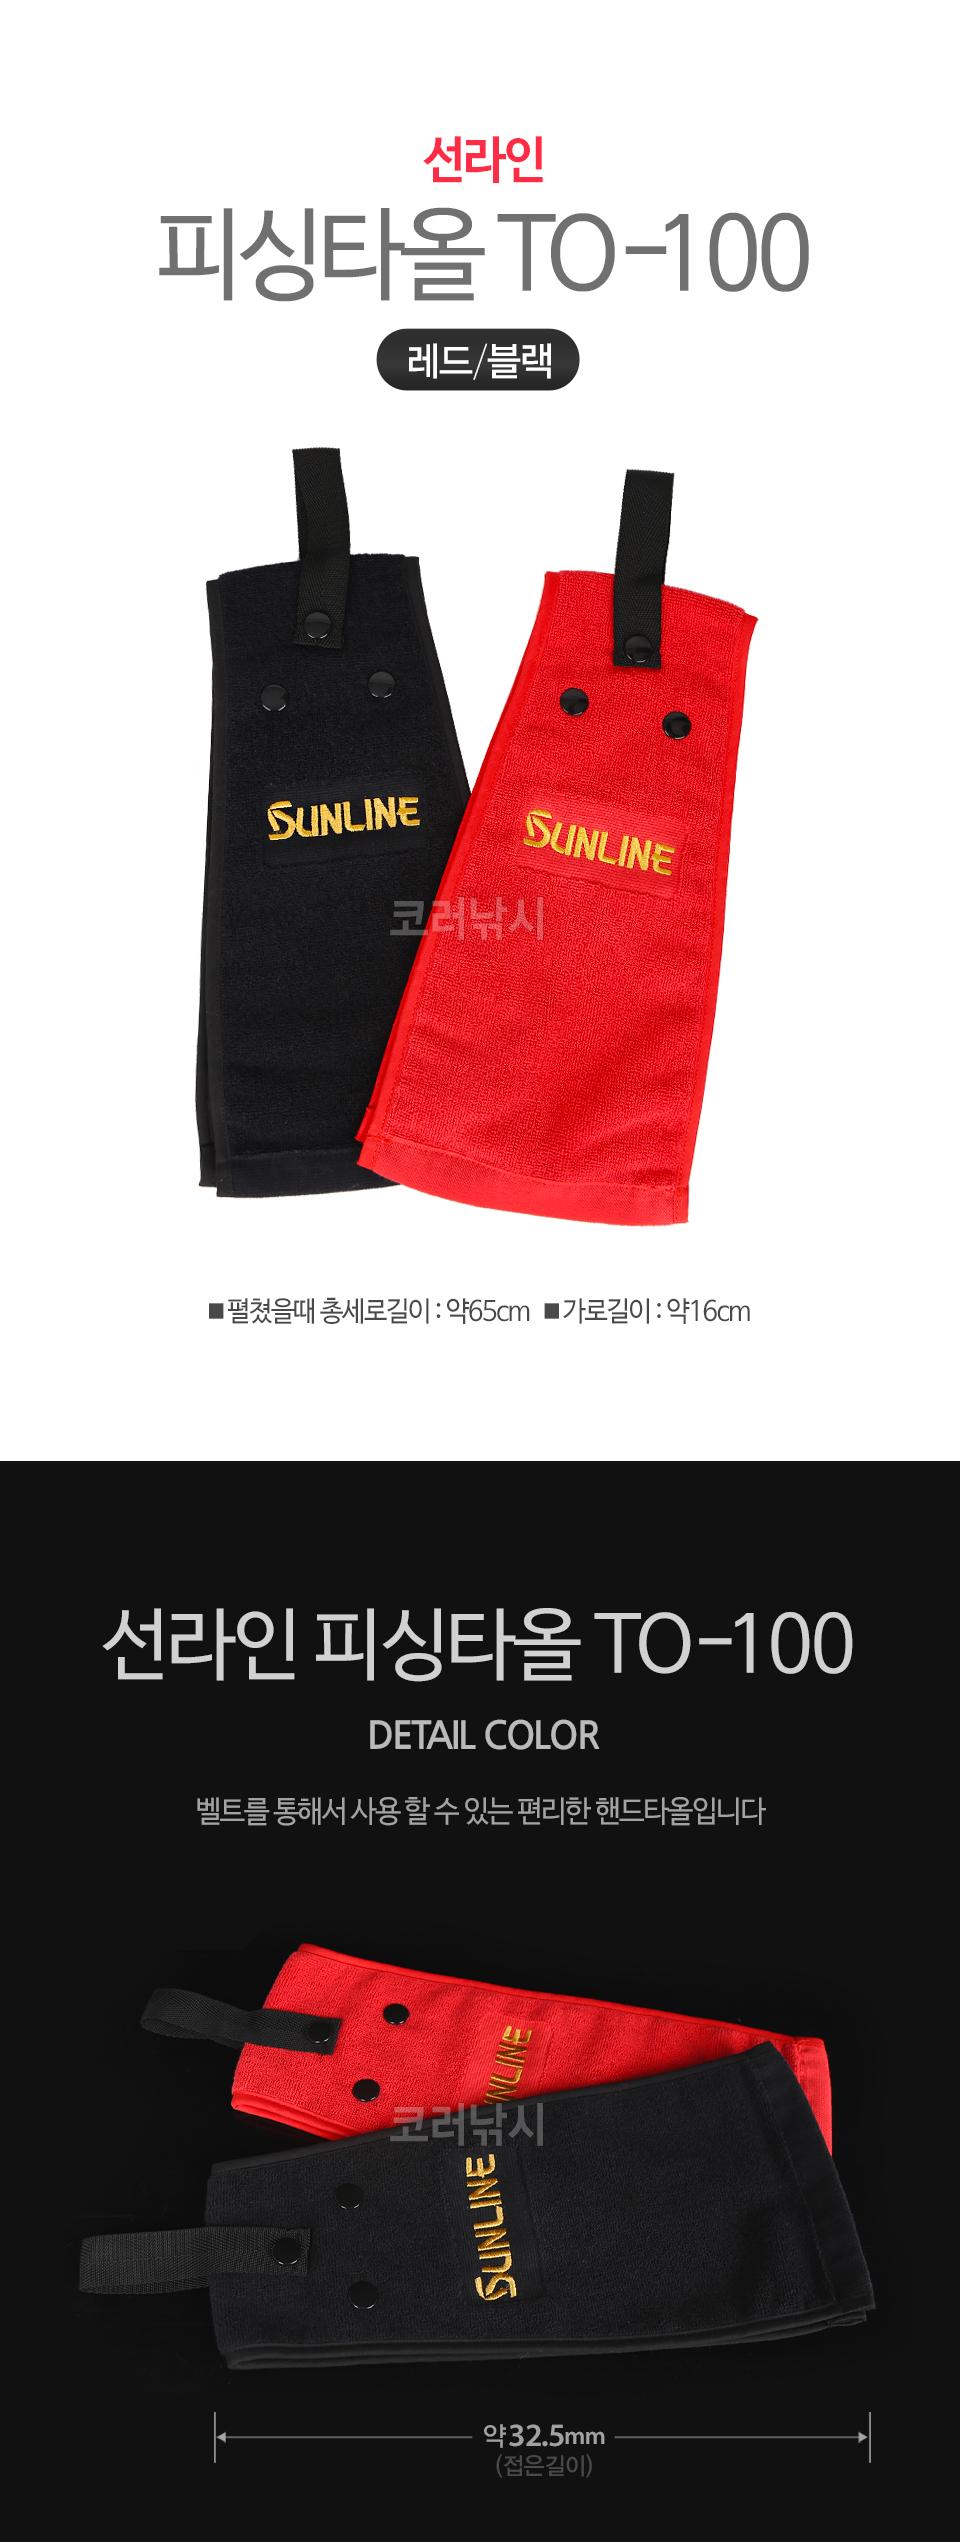 선라인 피싱타올 TO-100 낚시수건 피싱타월 피싱수건 낚시타올 낚시타월 선라인수건 썬라인낚시수건